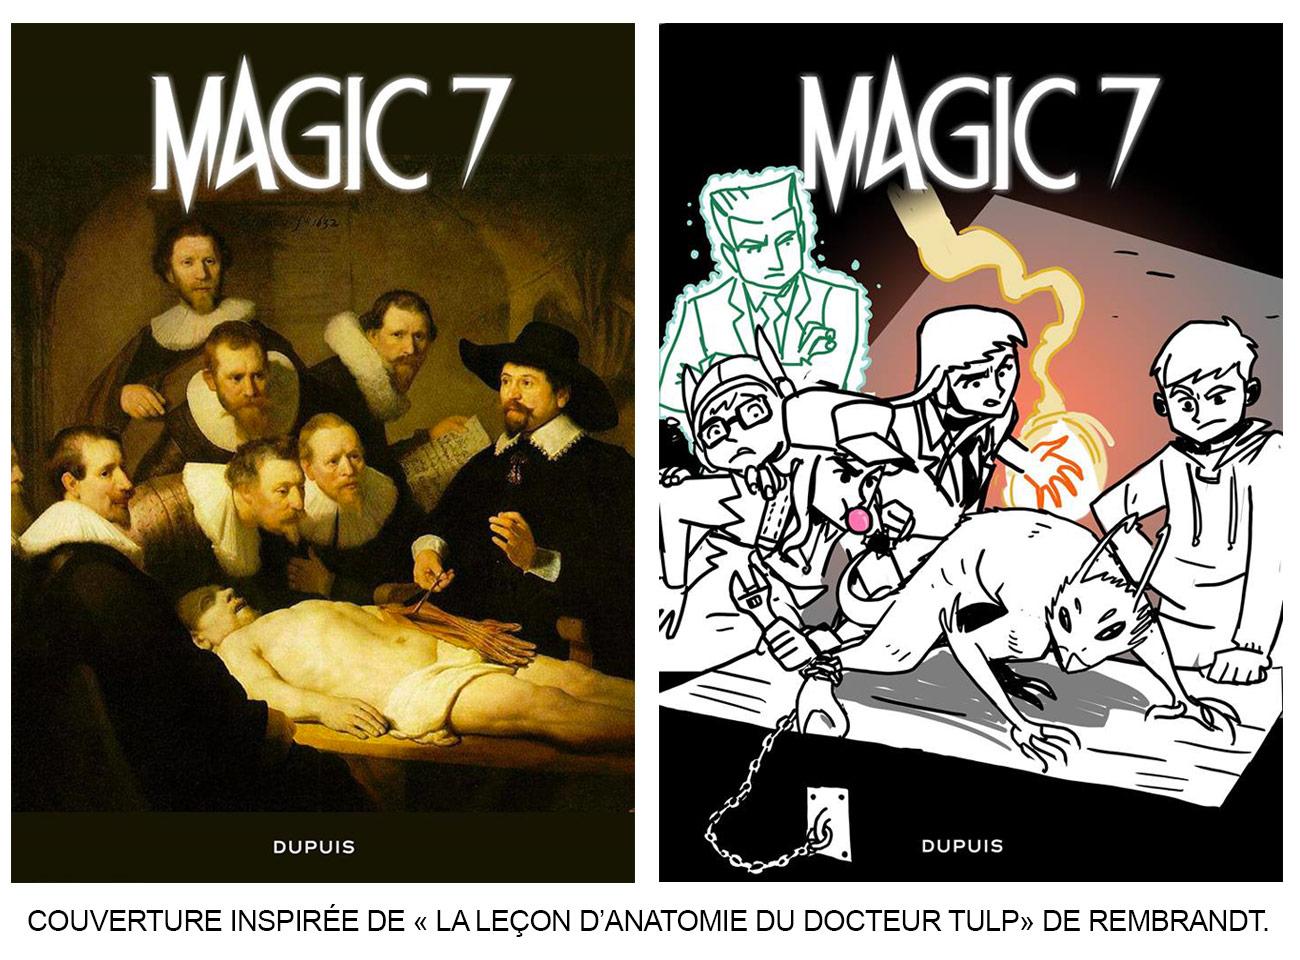 Magic 7, tome 3 : couverture inspirée de Rembrandt